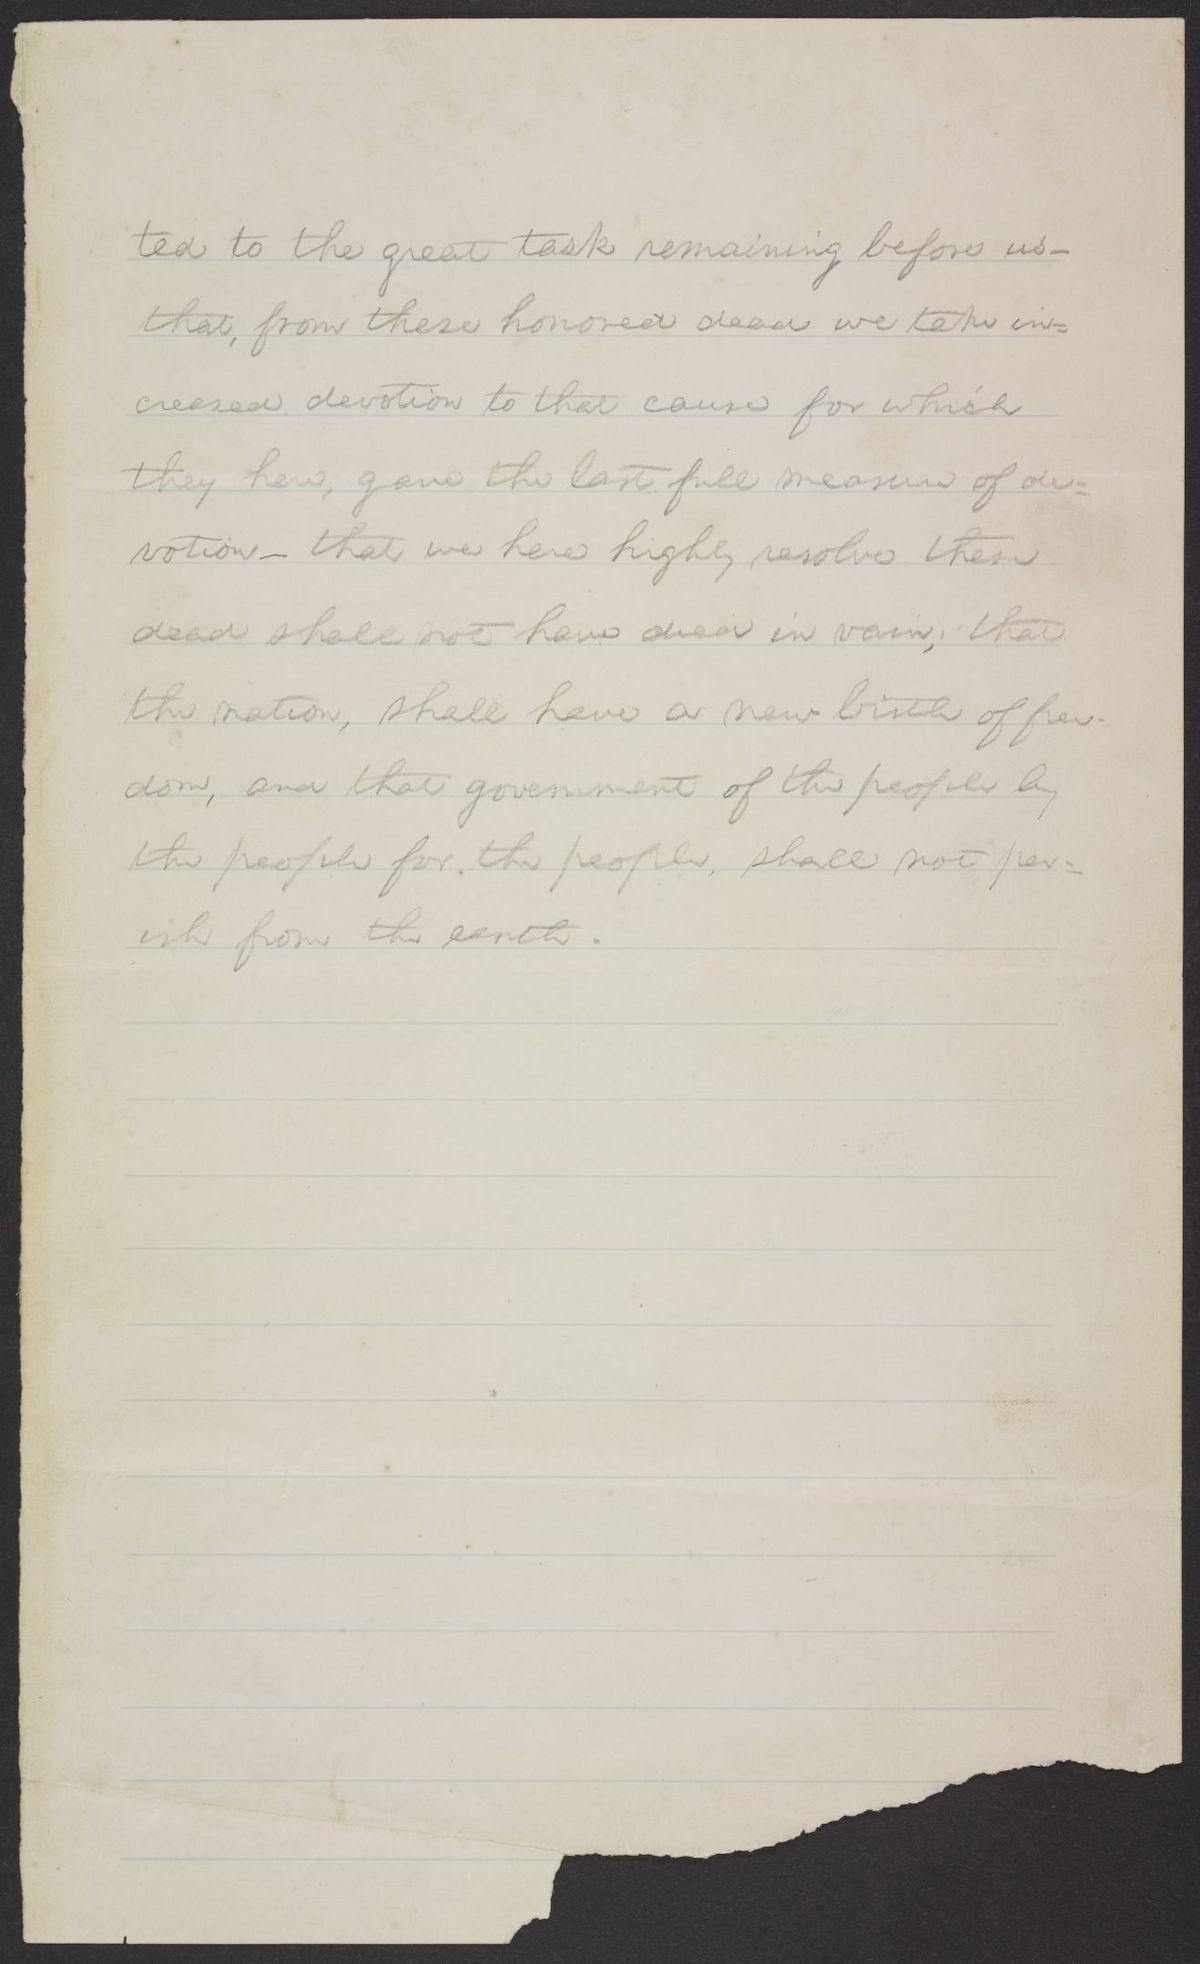 Gettysburg Address Pt 2